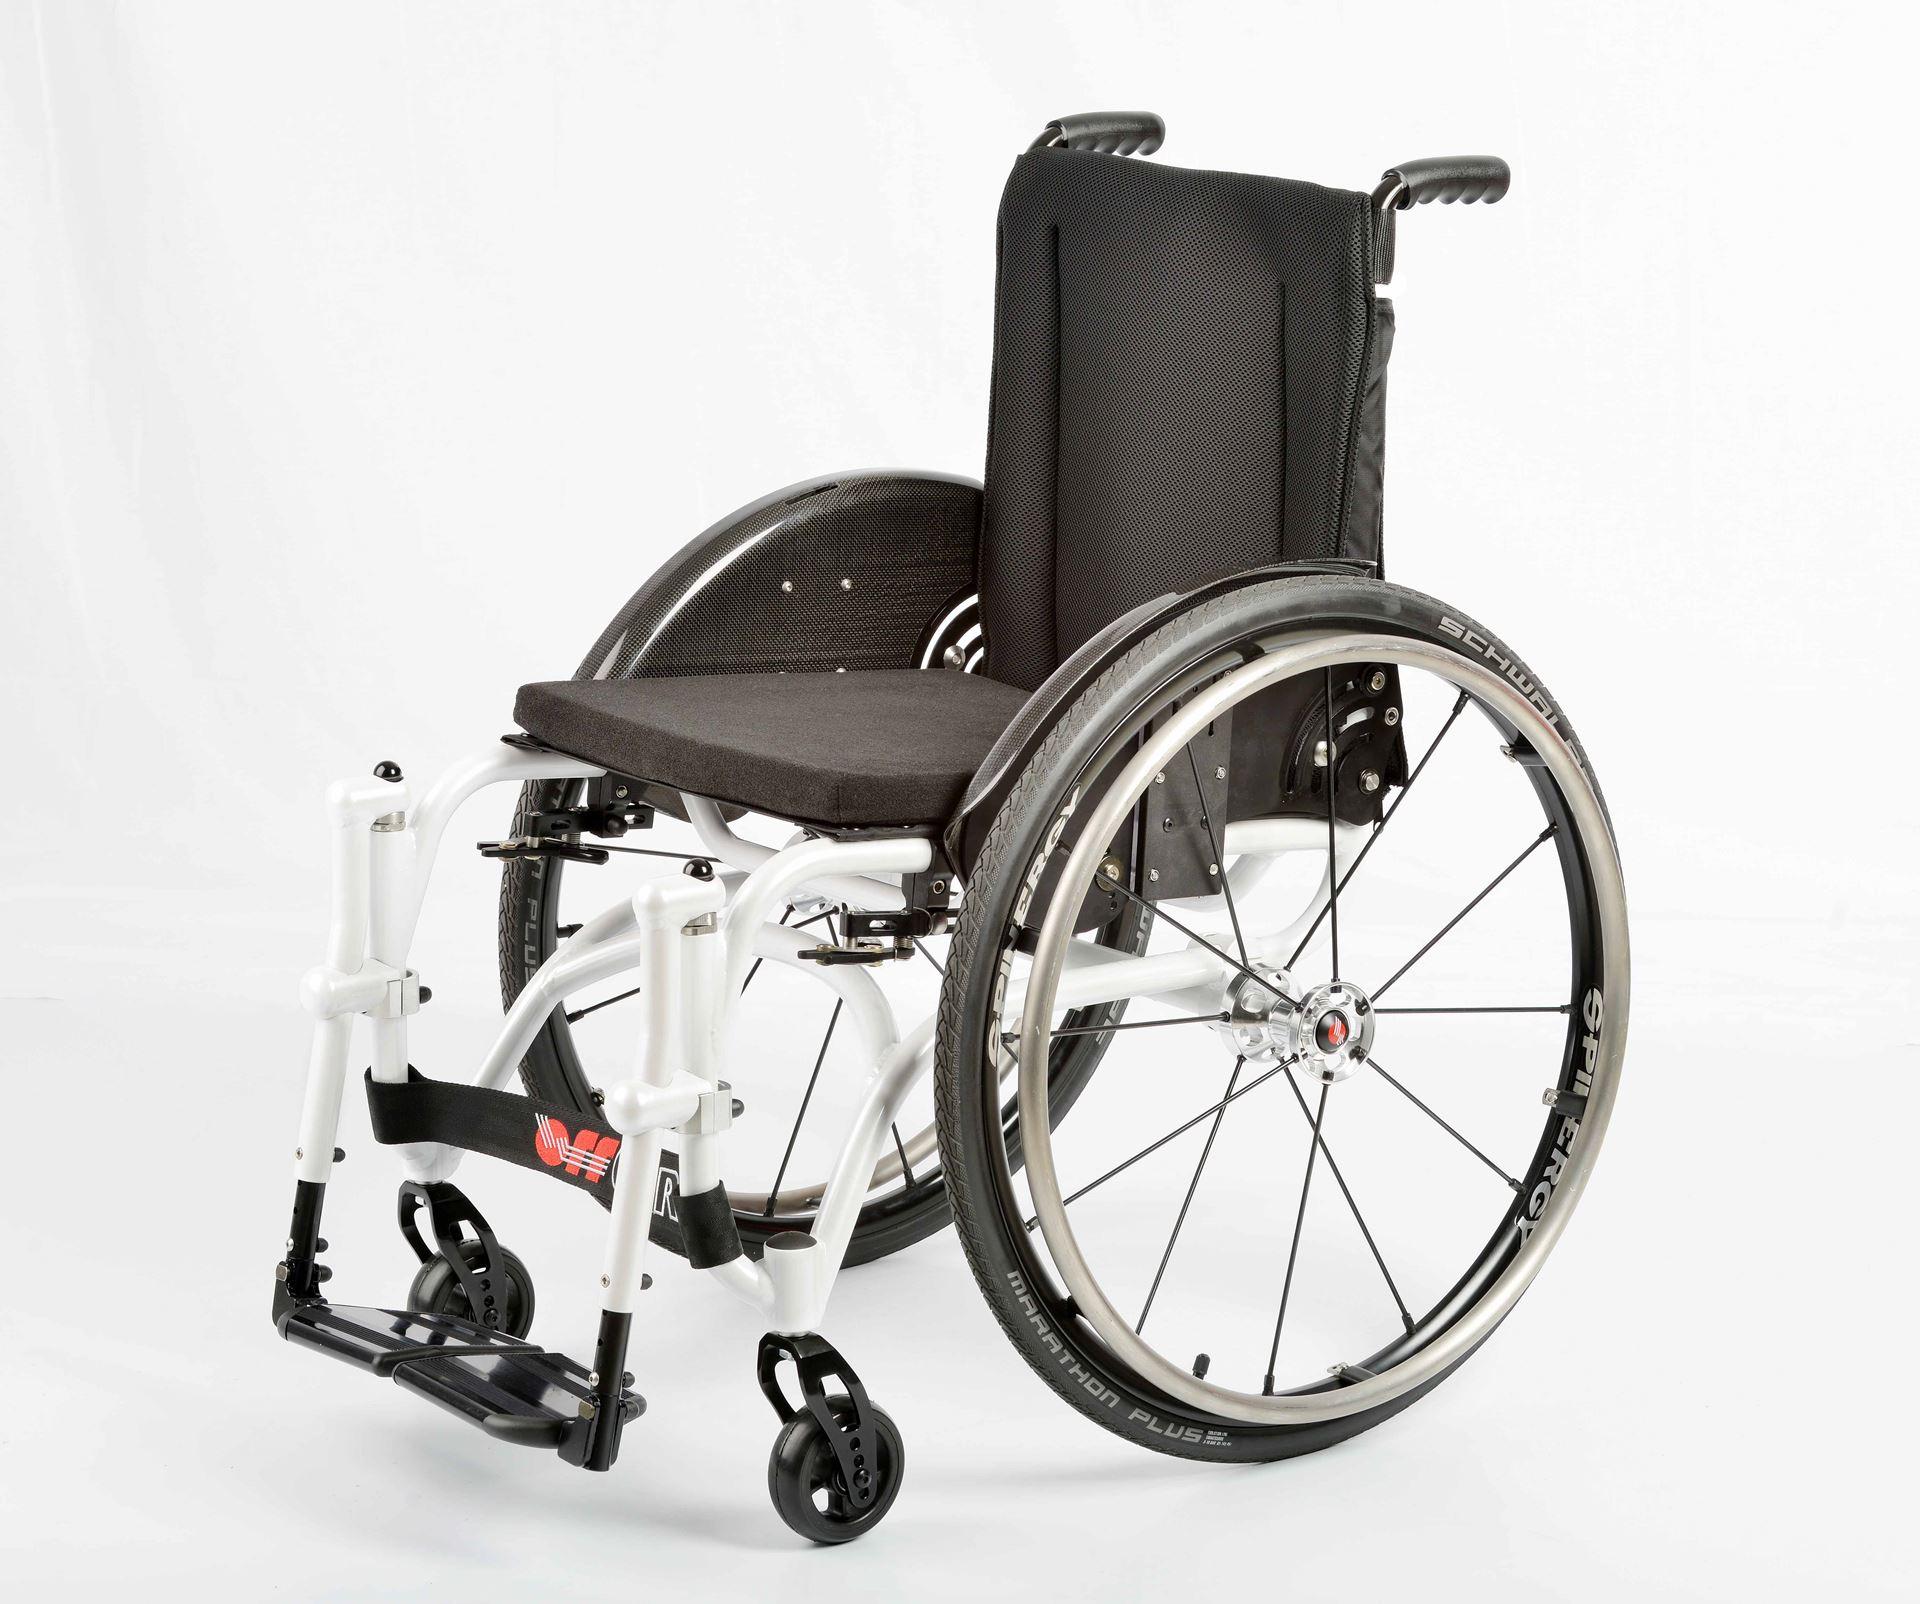 IDRA 2.0 Offcarr | Mobilitec